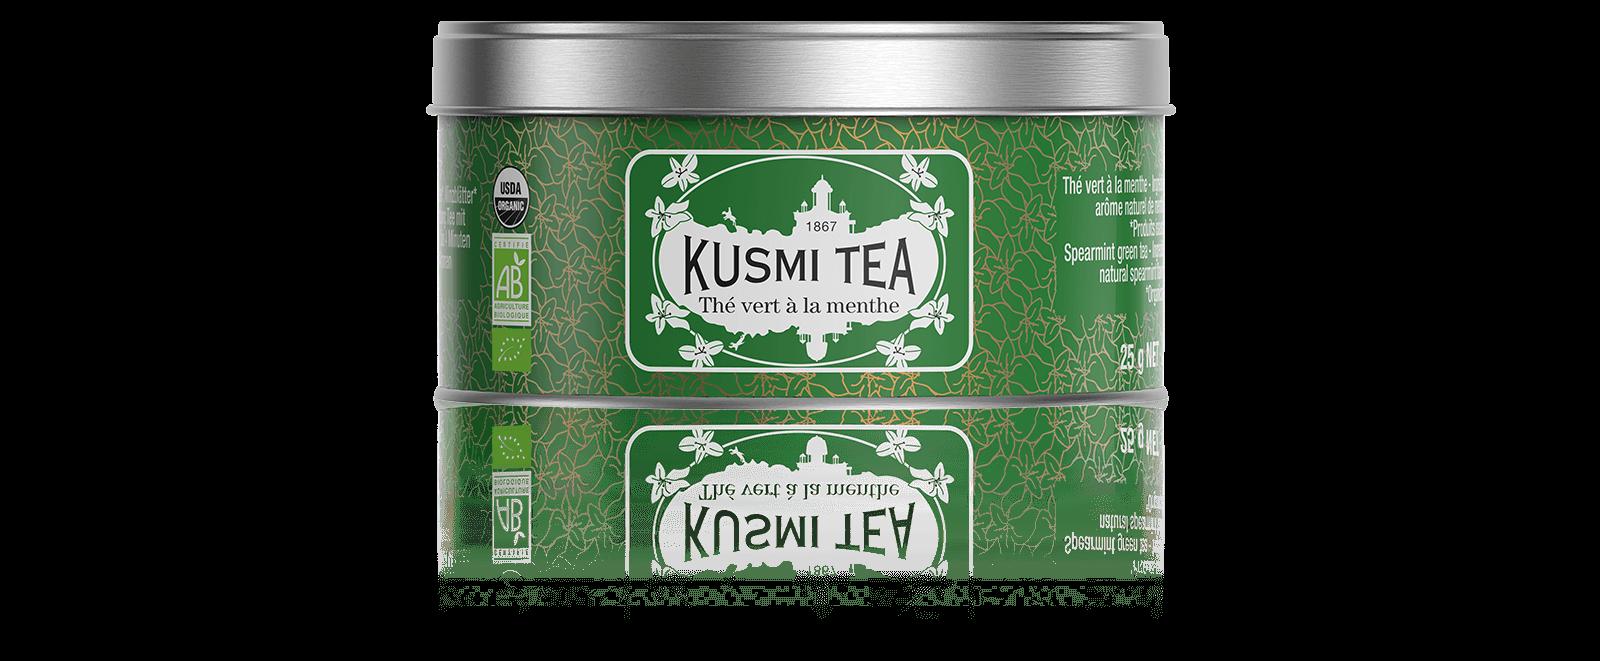 Thé vert à la menthe bio - Thé vert à la menthe - Boite à thé en vrac - Kusmi Tea